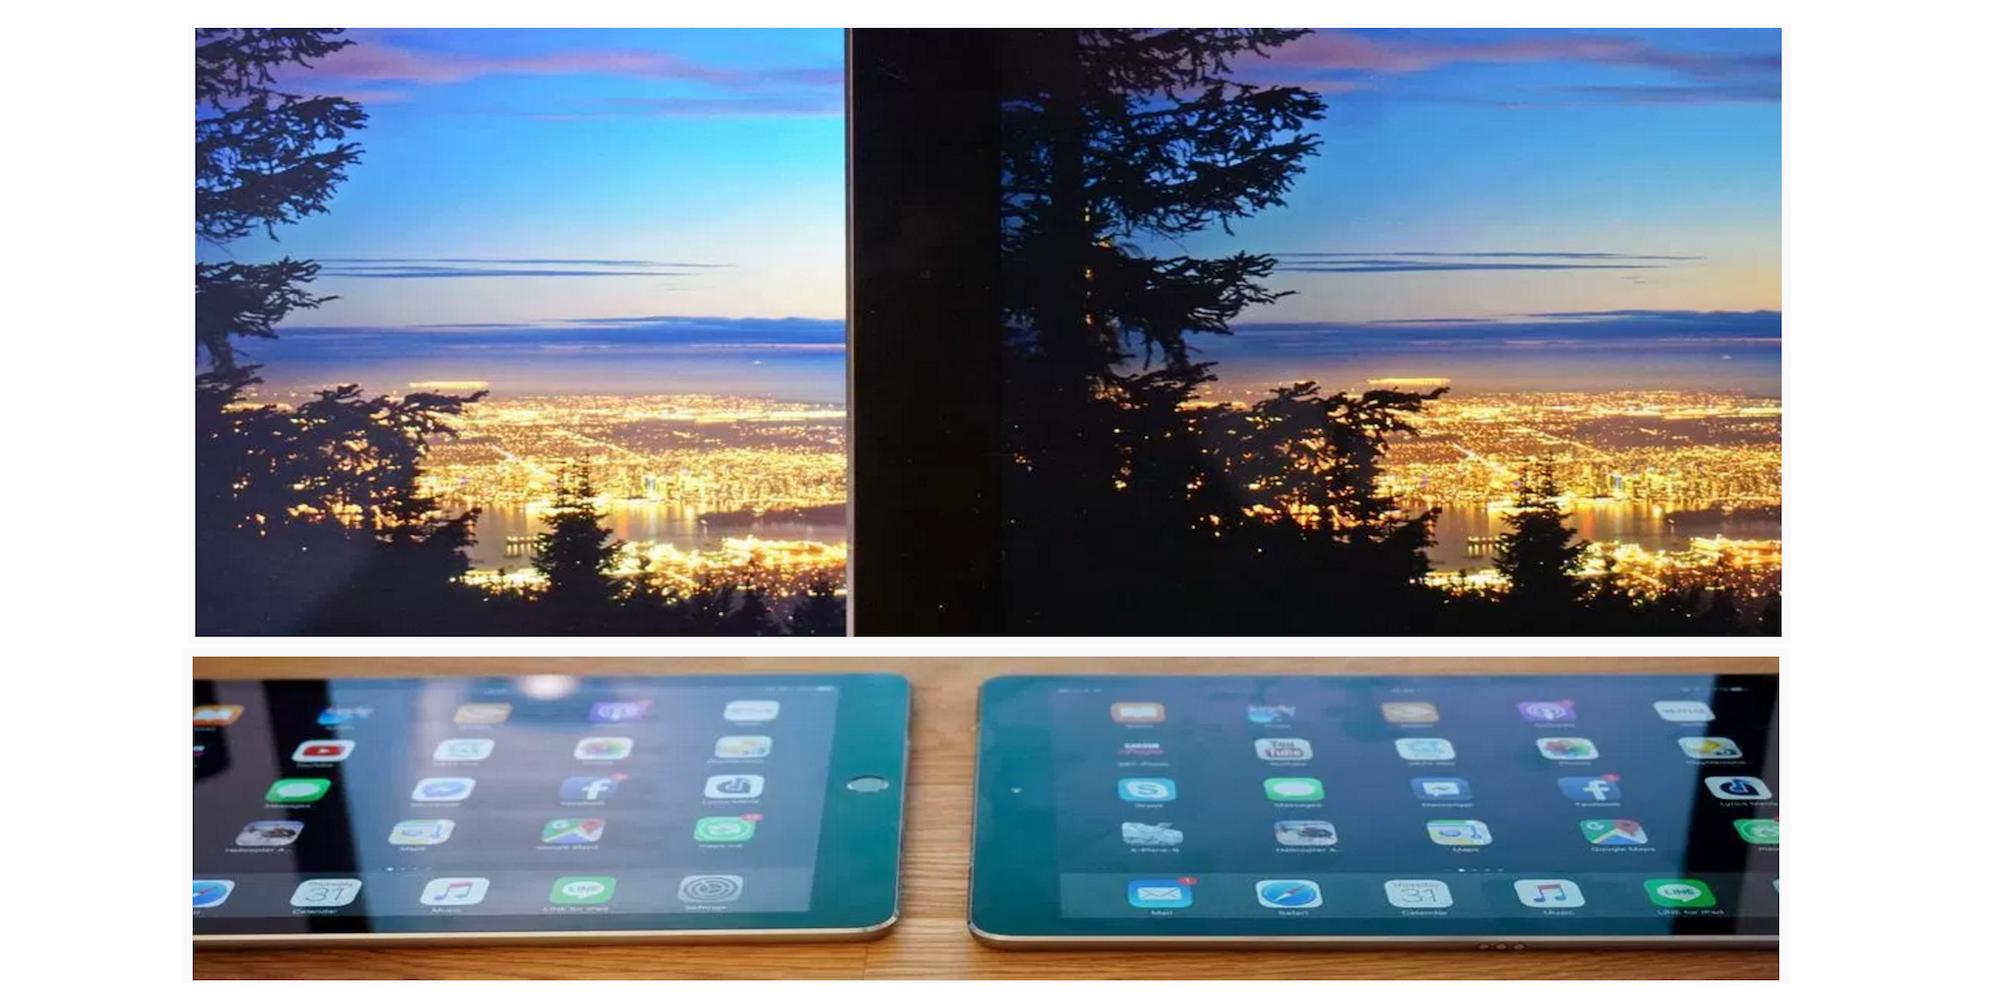 DisplayMate-9-7-ipad-pro